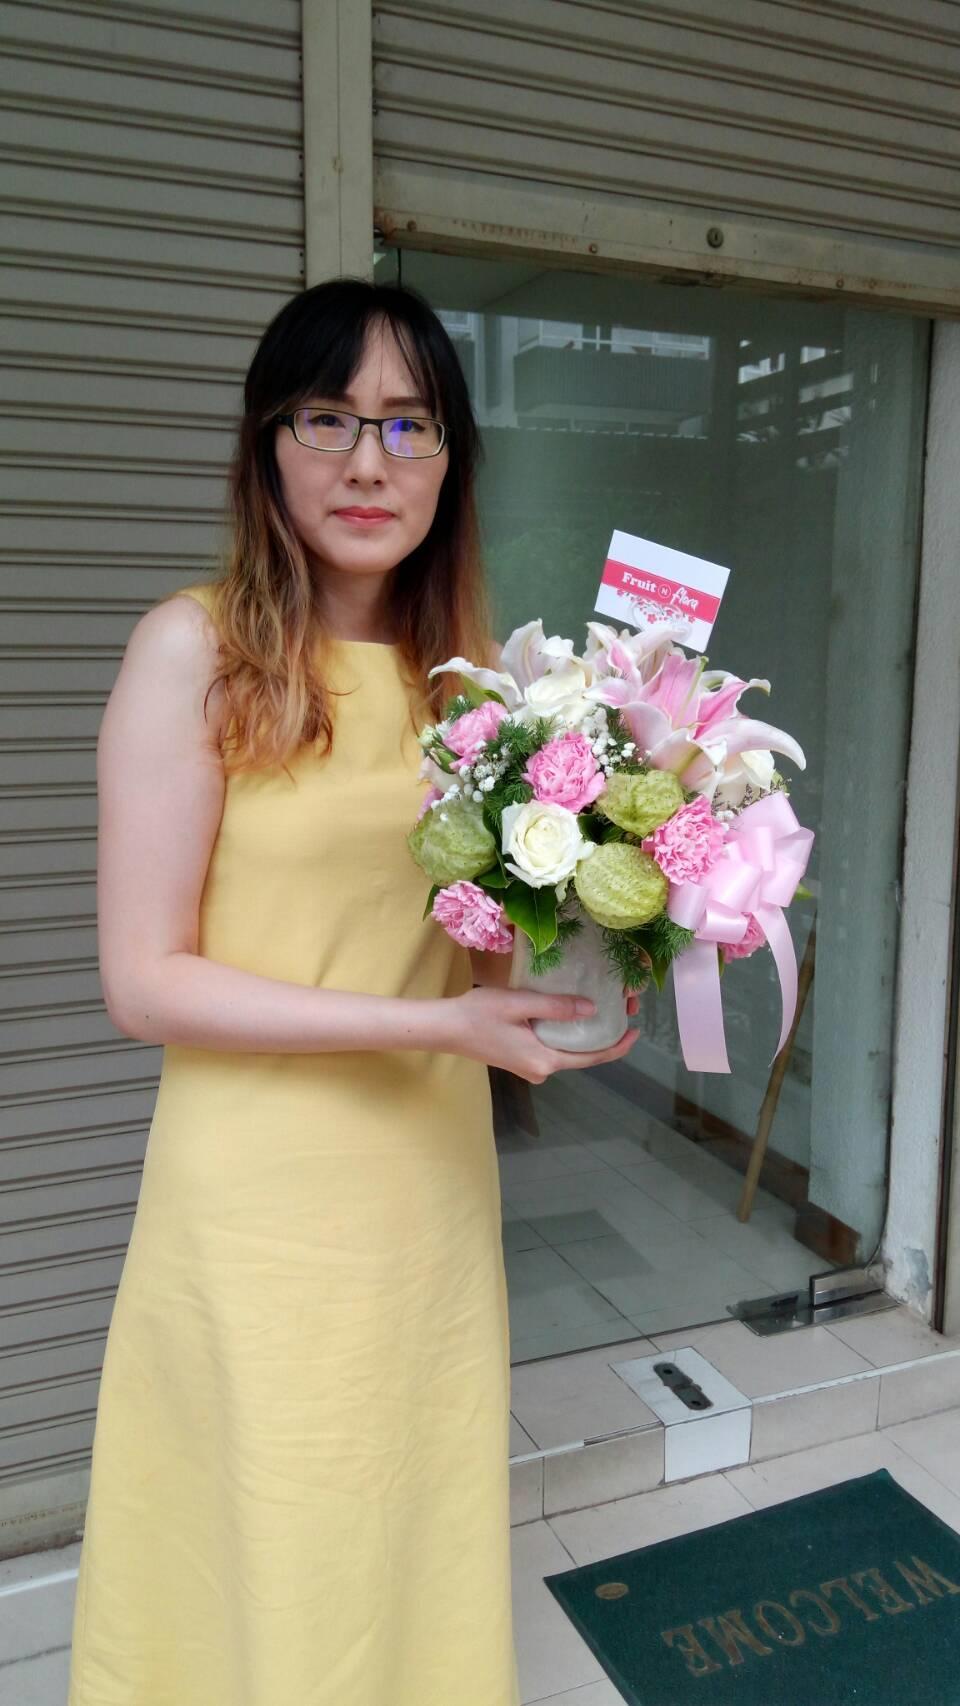 แจกันดอกไม้โทนสีหวาน ตั้งโชว์ในที่ทำงานก็ได้ หรือจะมอบให้คนพิเศษก็ดีทั้งนั้น